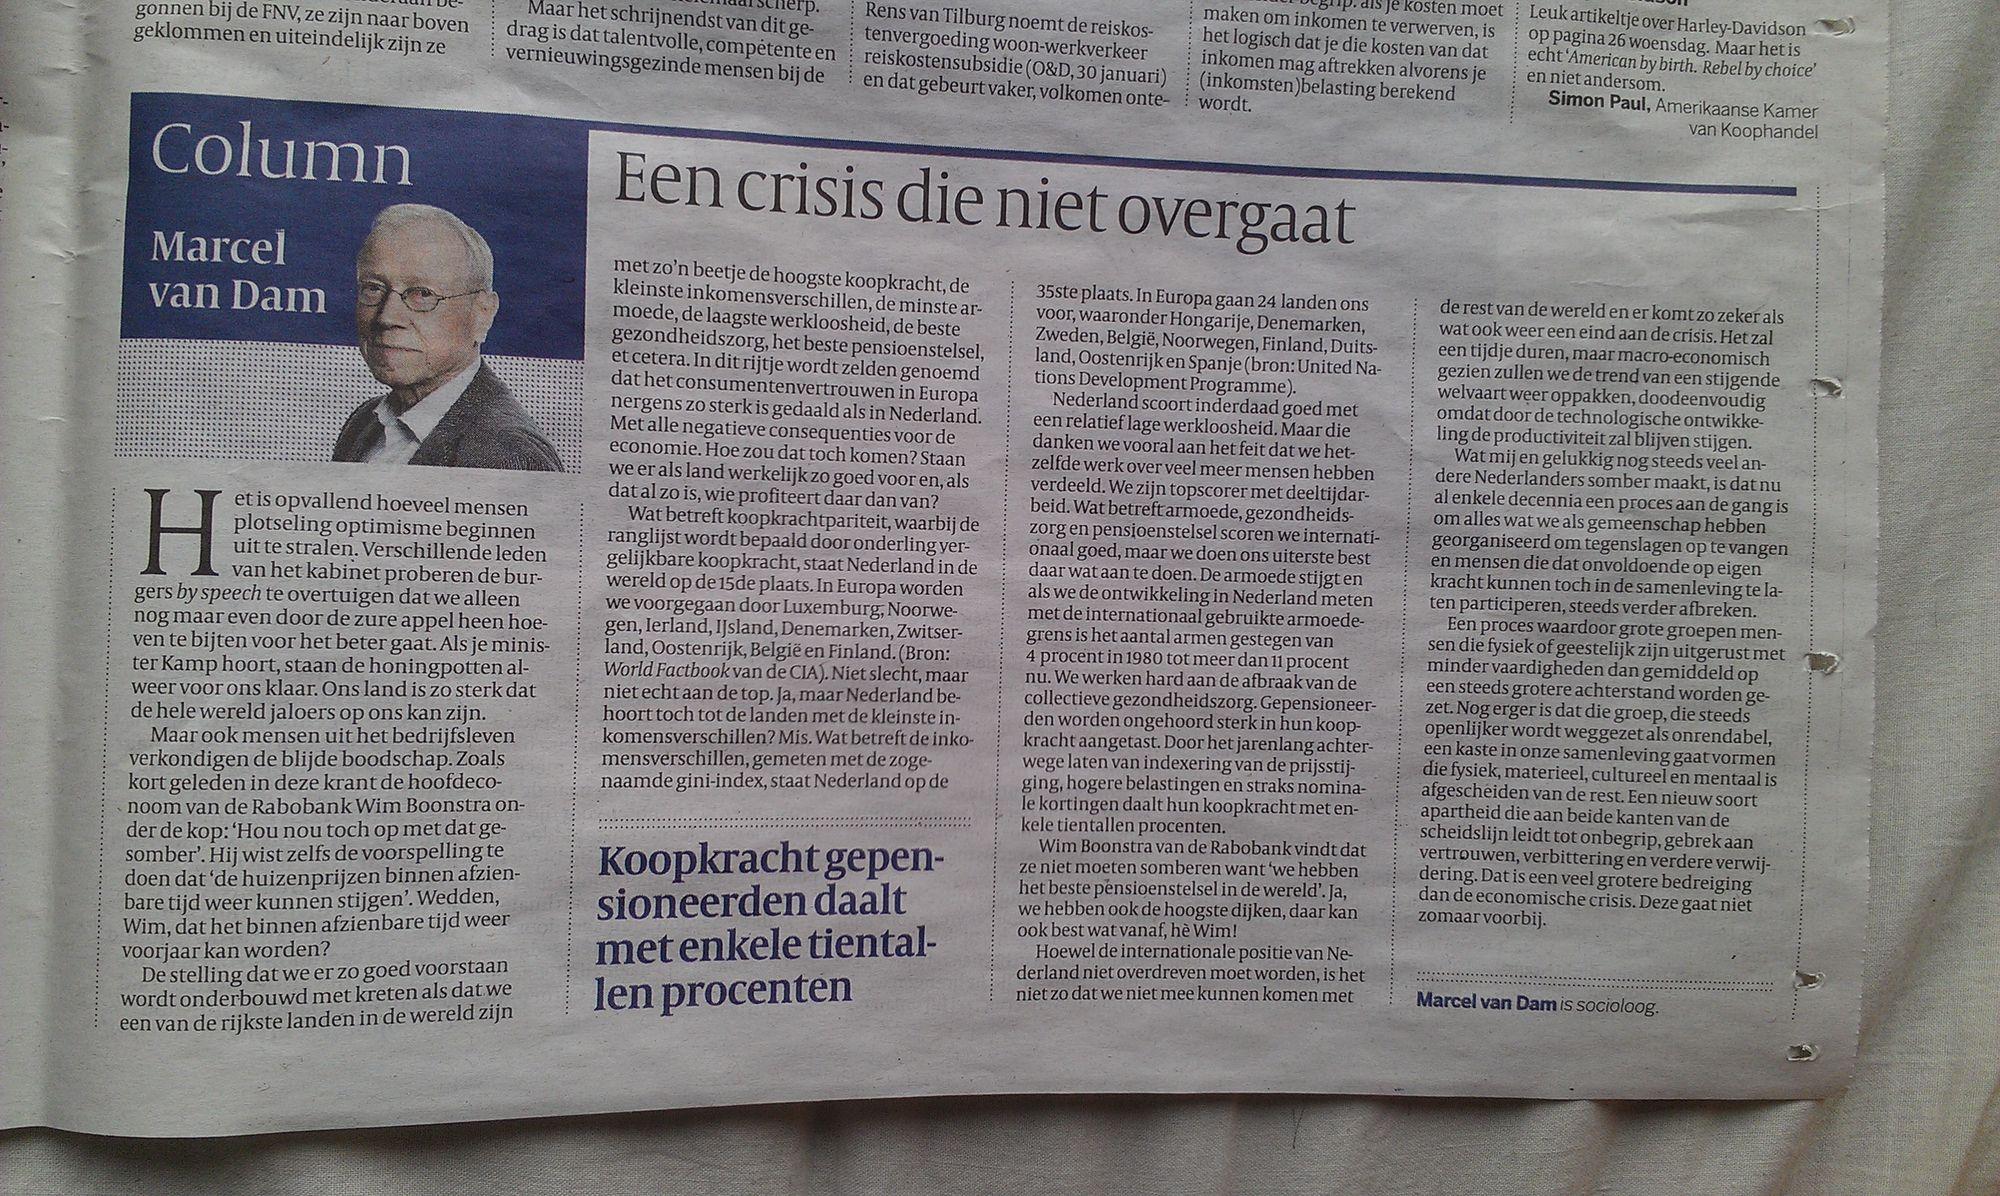 Een crisis die niet overgaat (opinie, Volkskrant 31/1/13)